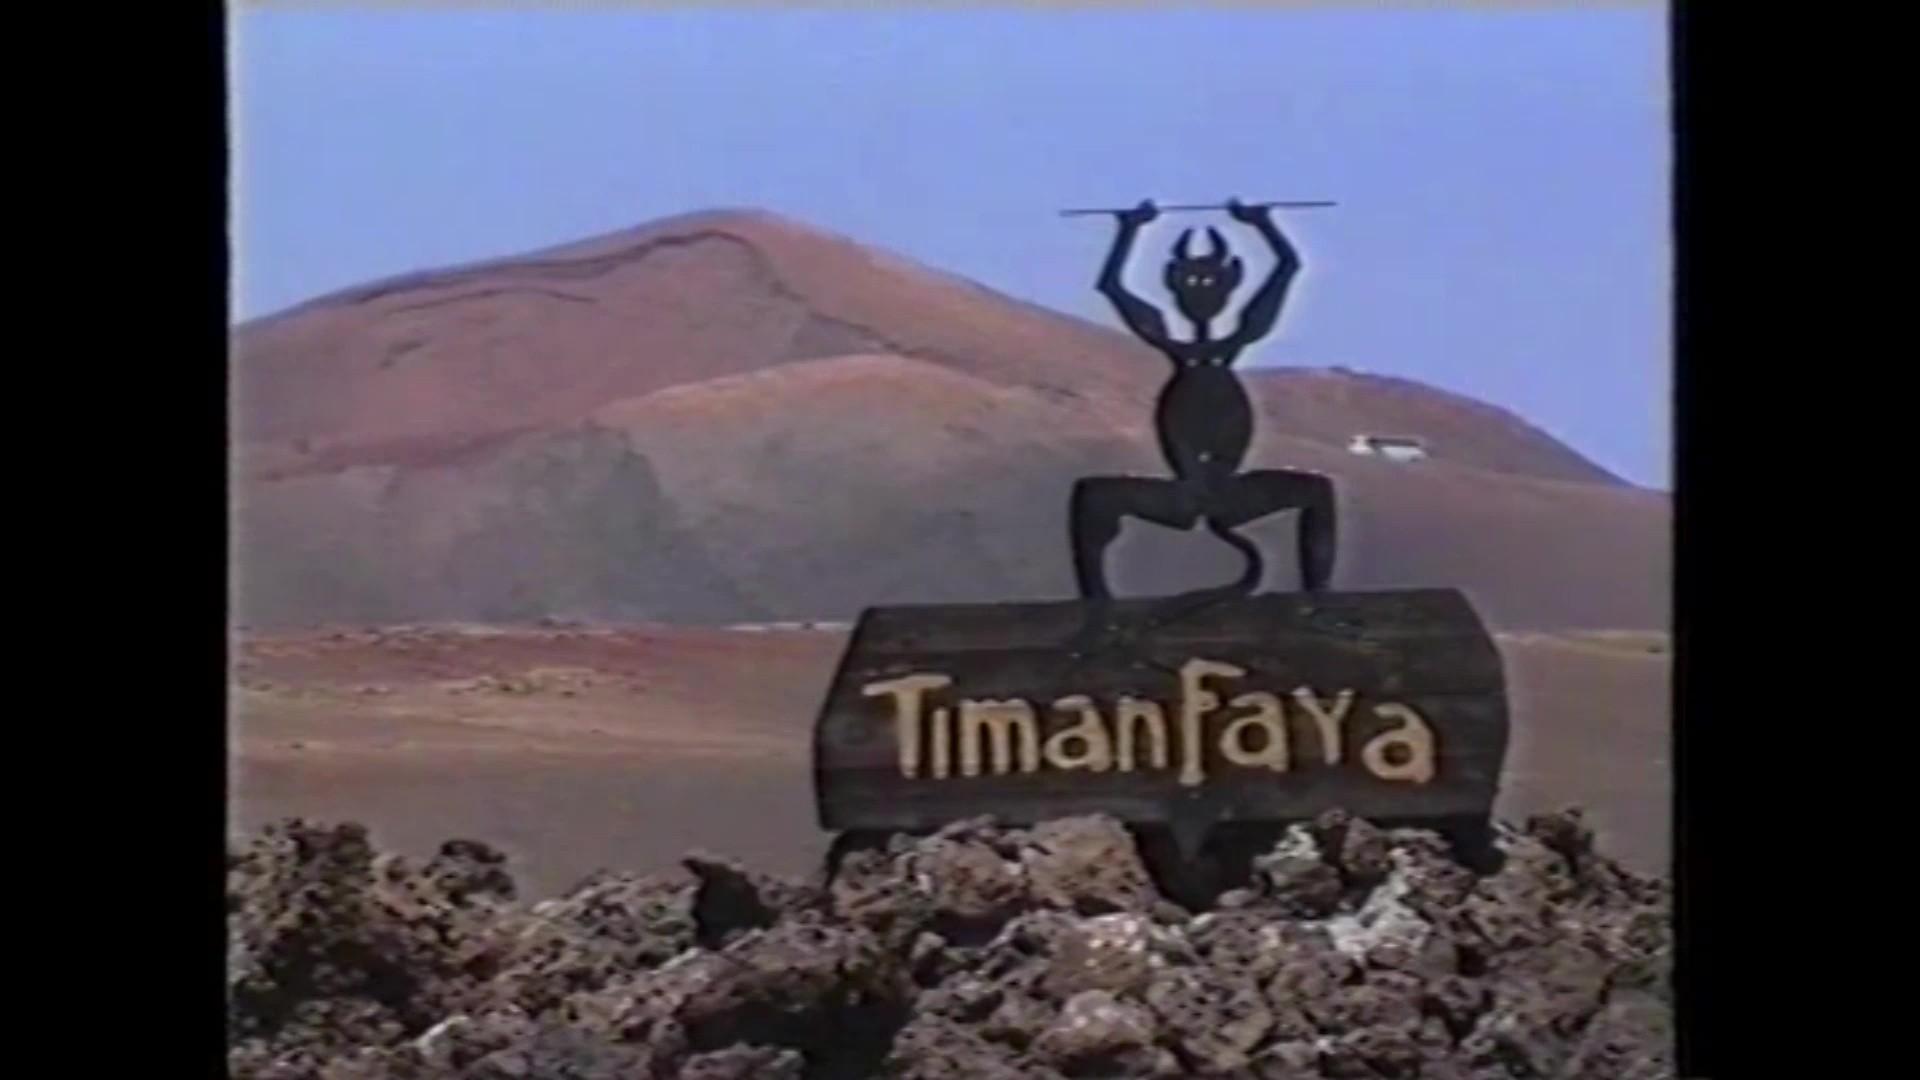 Timanfaya en 'La isla de los volcanes' (1990)